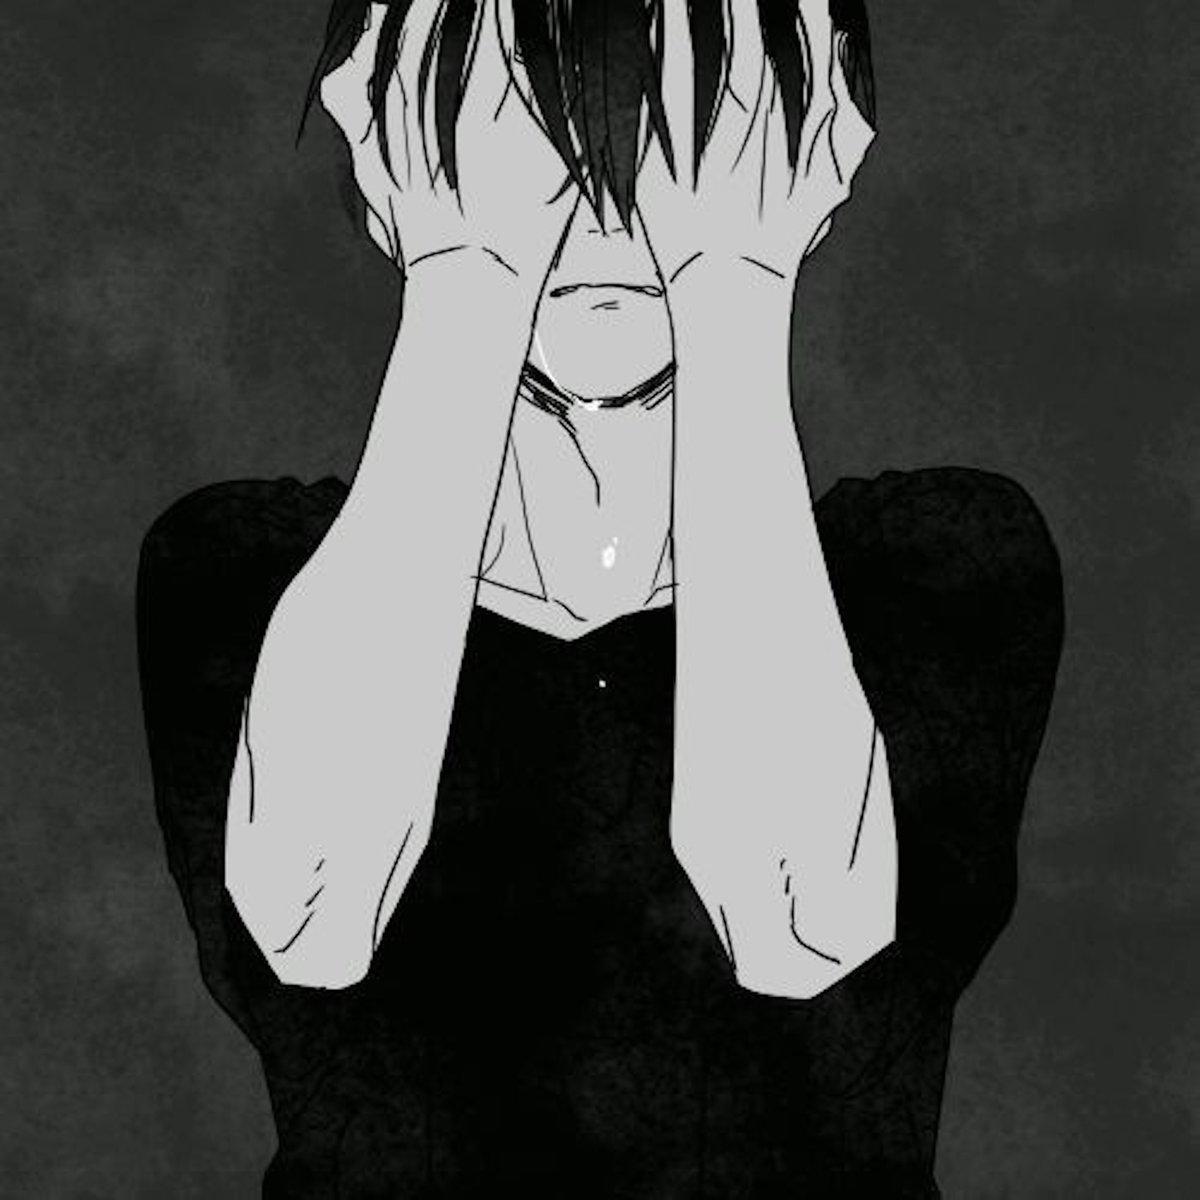 Депрессия картинки на аву